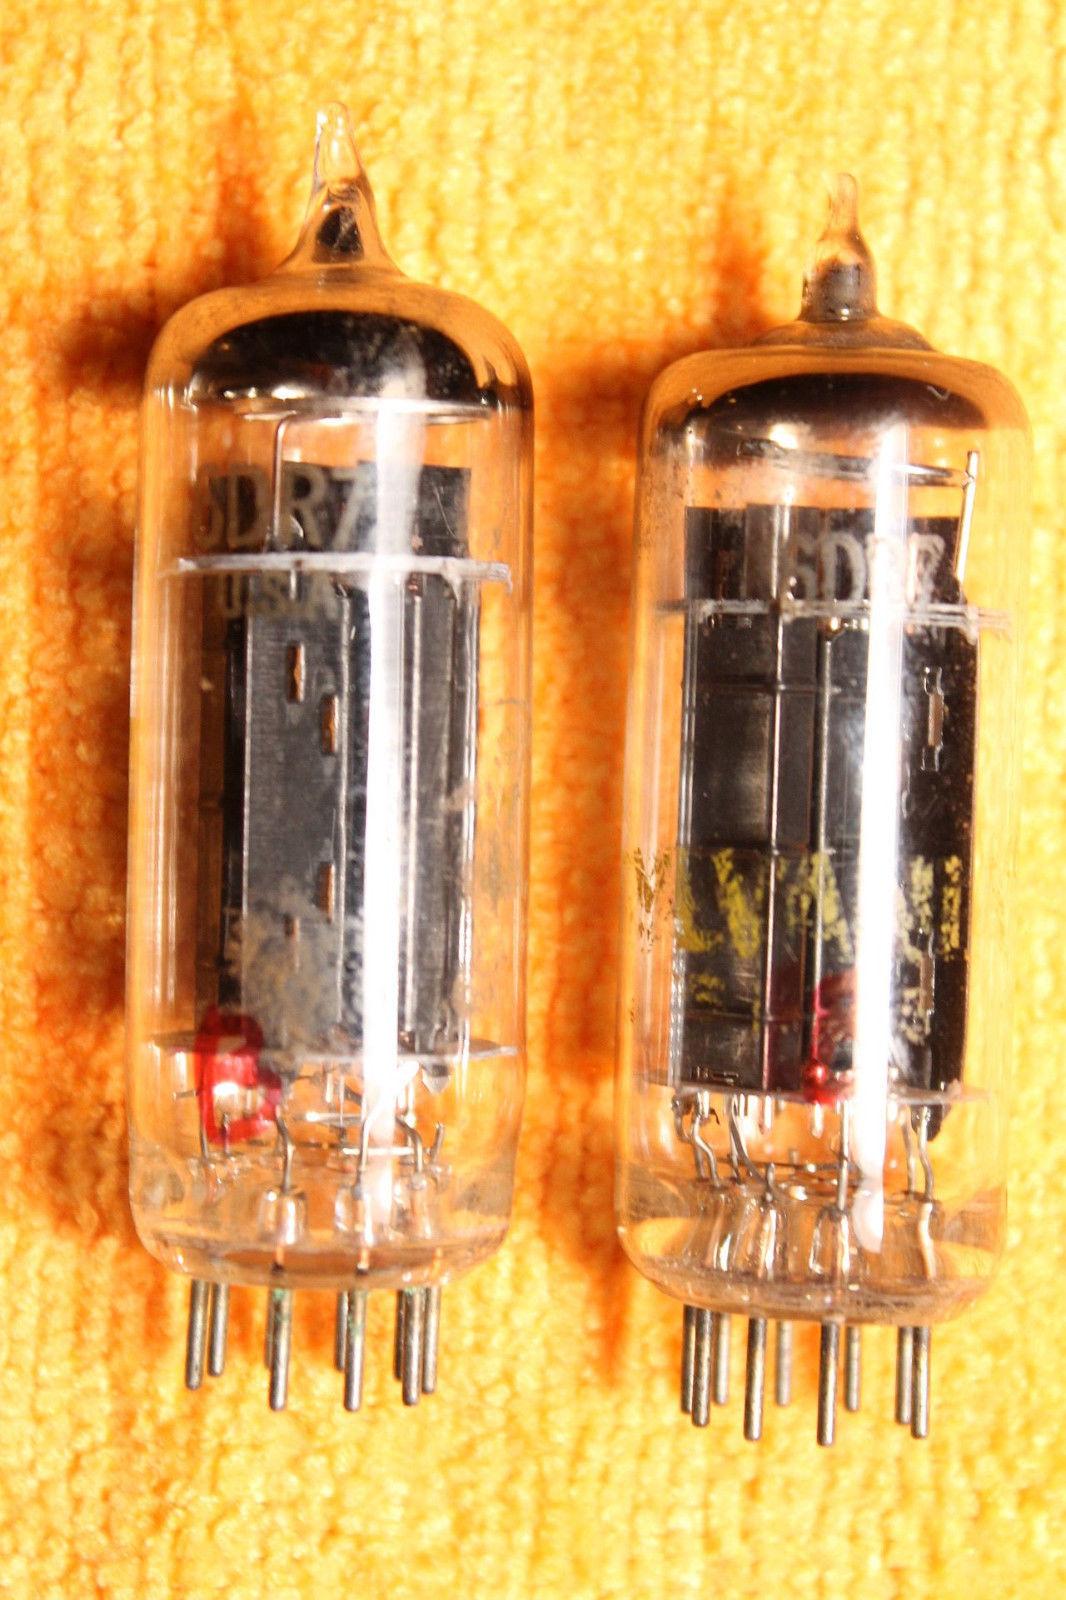 Vintage Radio Vacuum Tube (one): 6MU8 - Tested Good